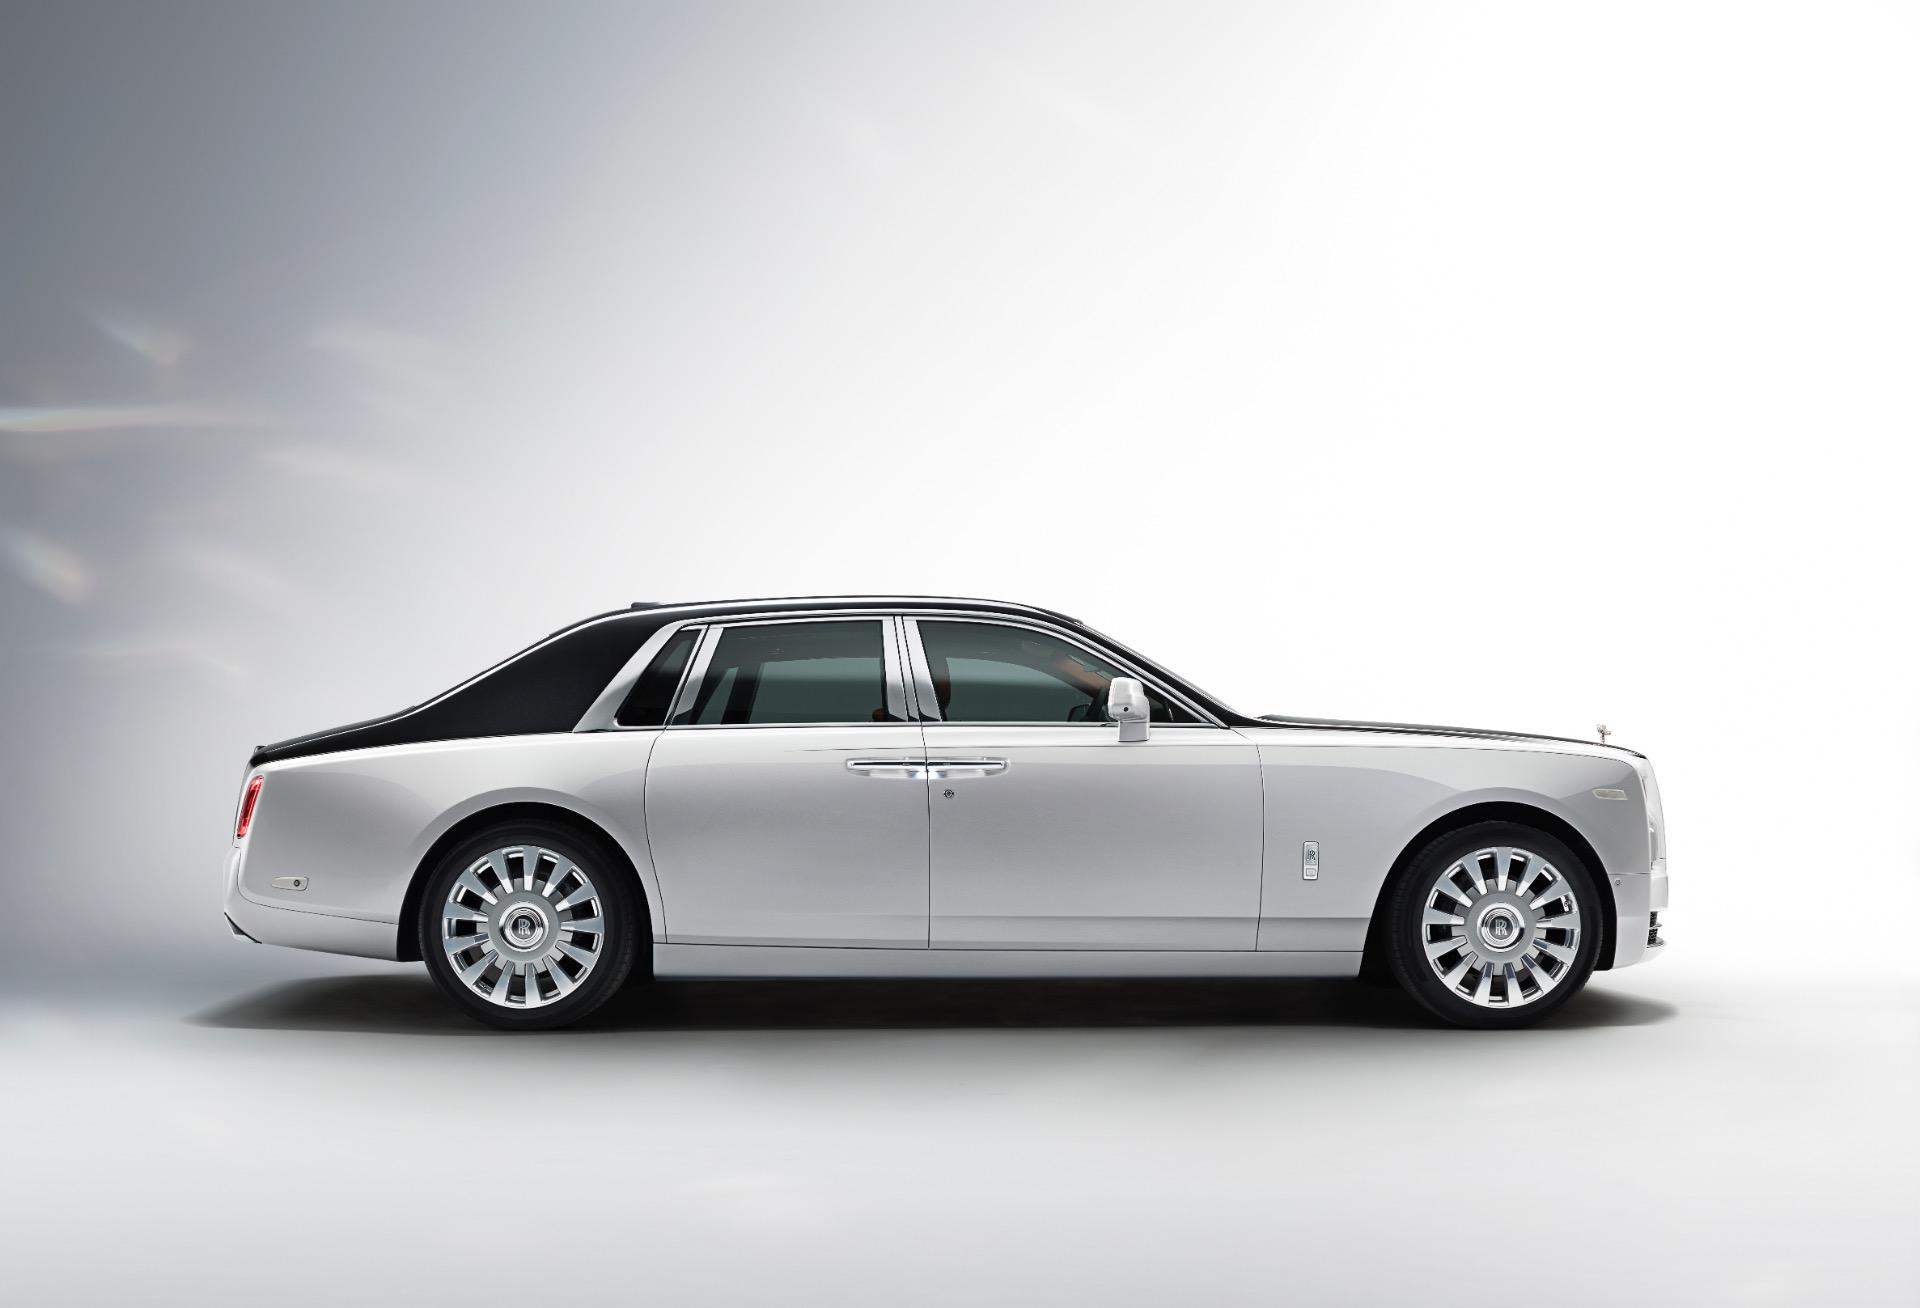 2018 rolls royce phantom for sale.  Sale New 2018 RollsRoyce Phantom Taking Orders Now  Greenwich CT Throughout Rolls Royce Phantom For Sale